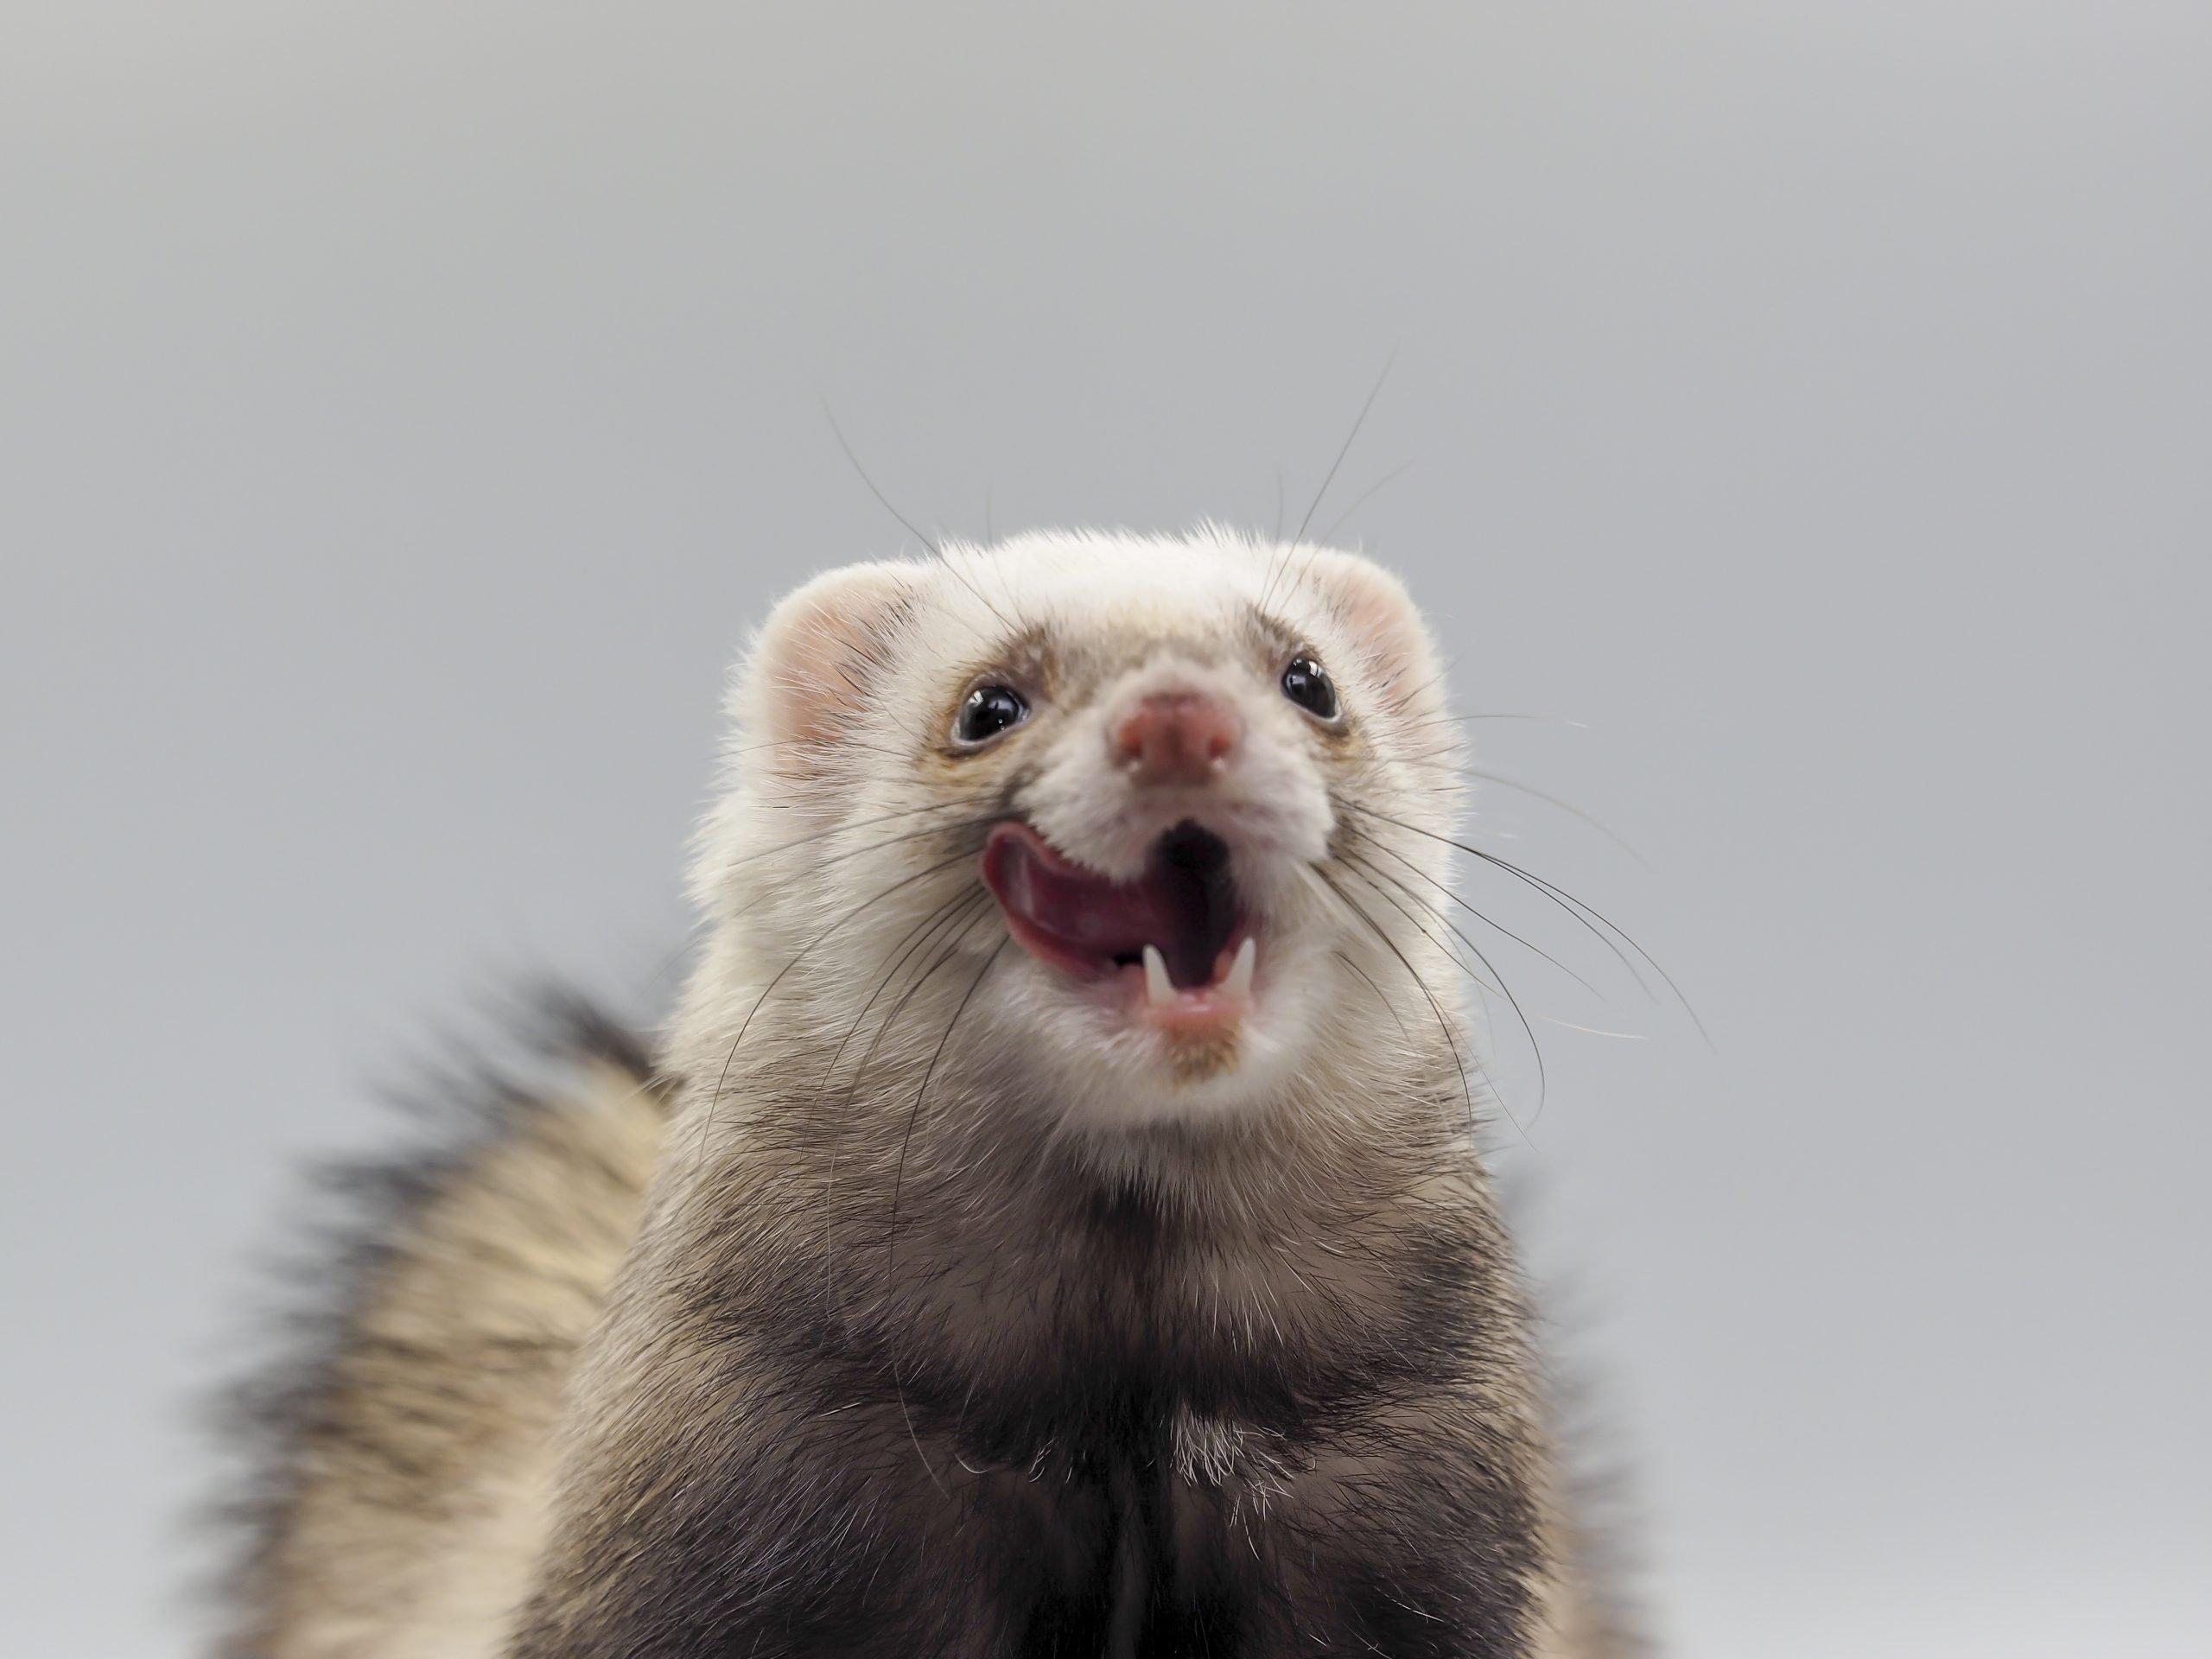 A ferret lick